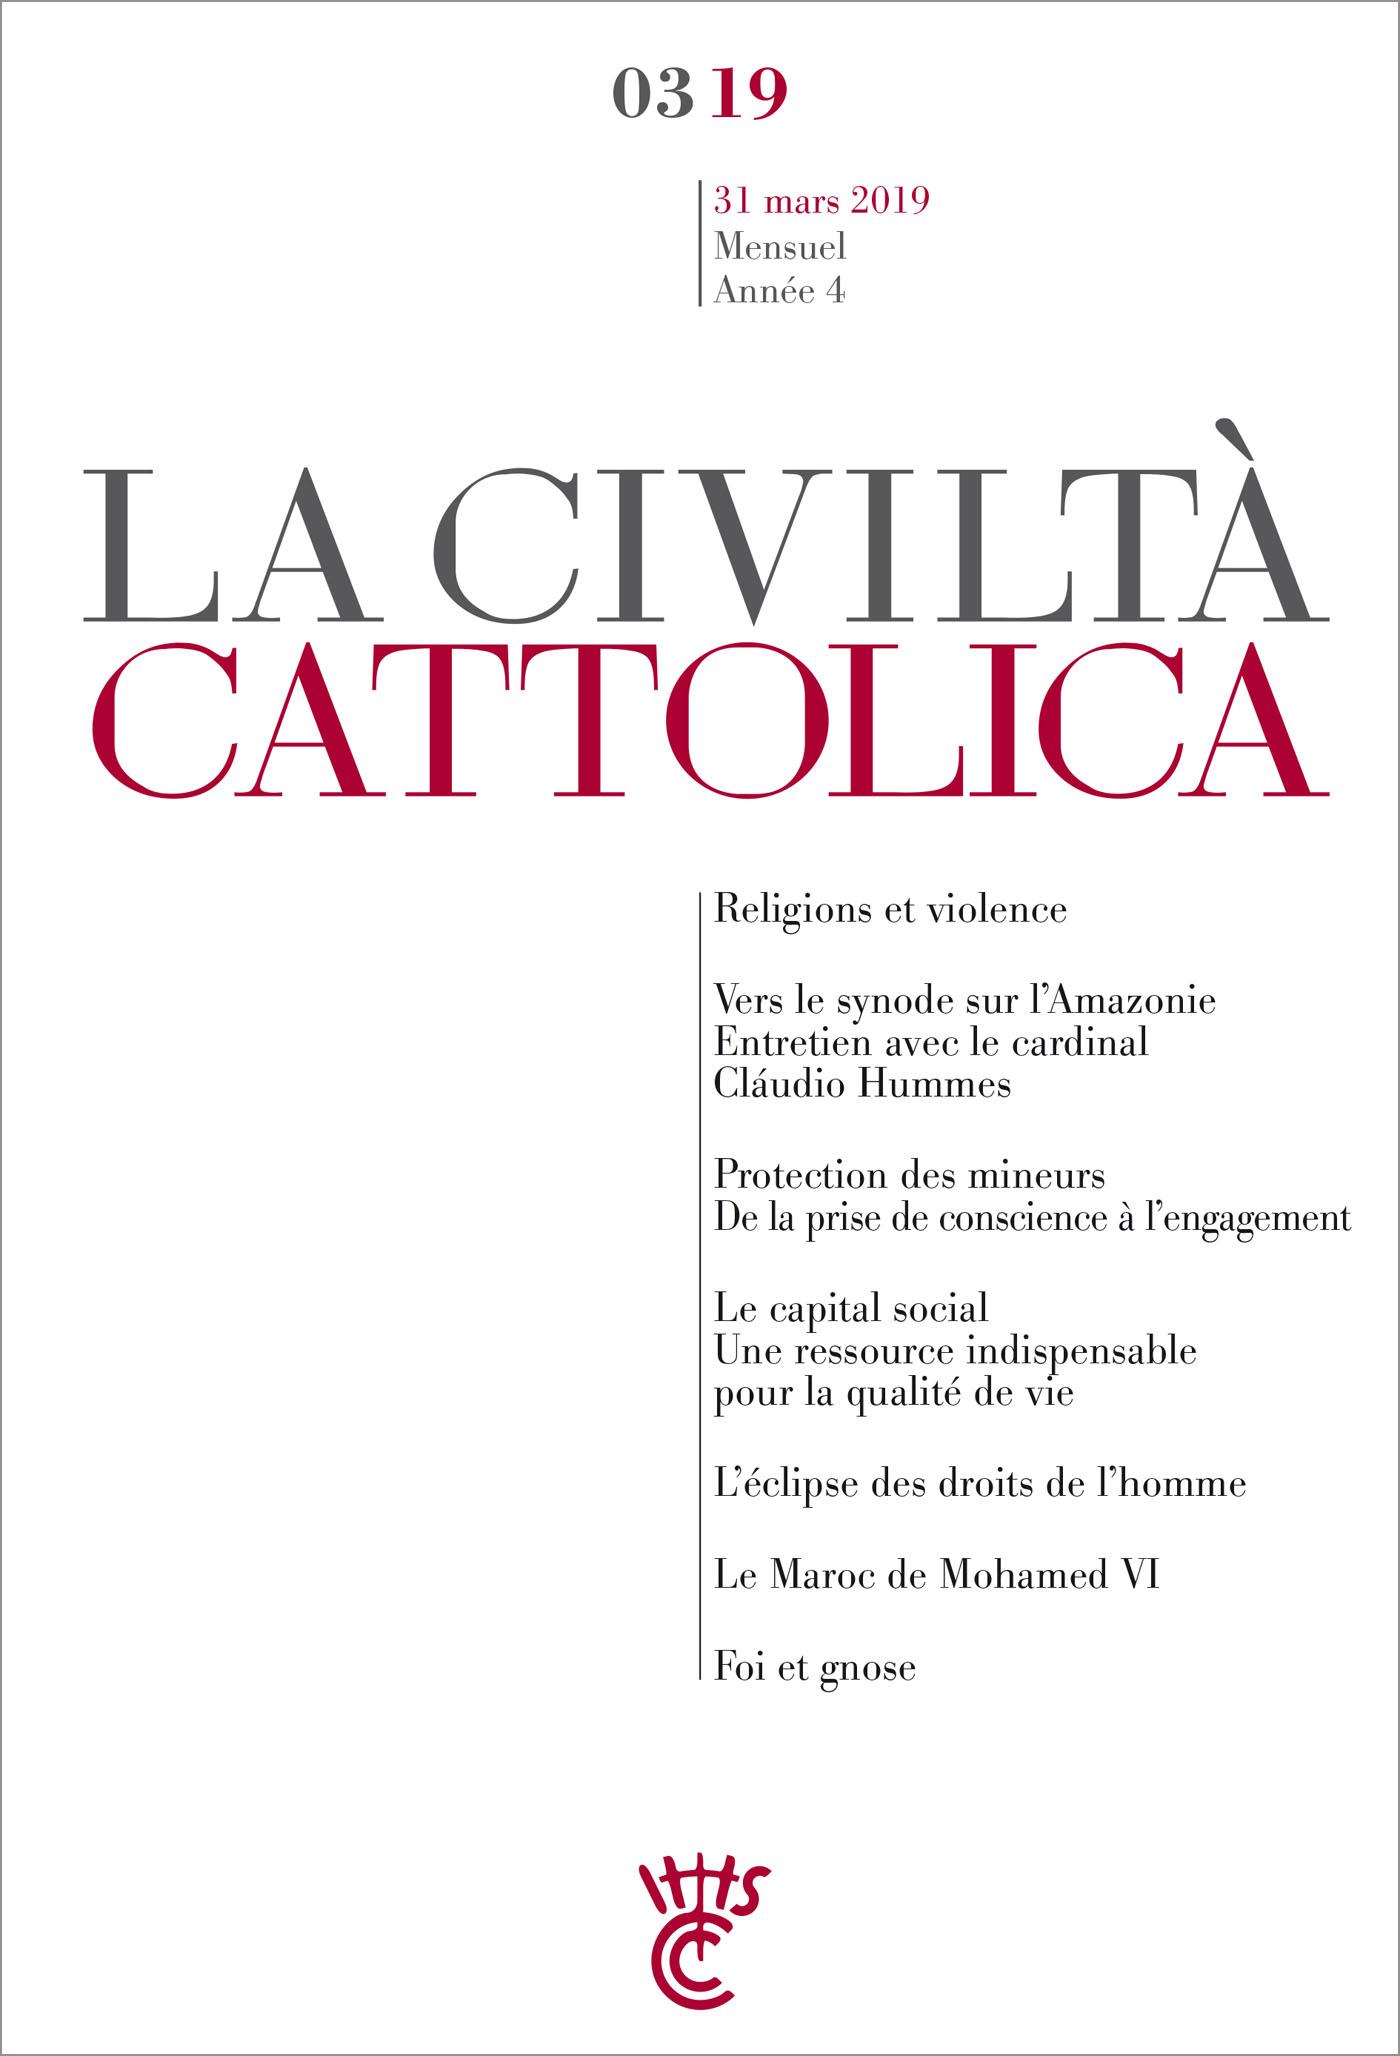 LA CIVILTA CATTOLICA - MARS 2019